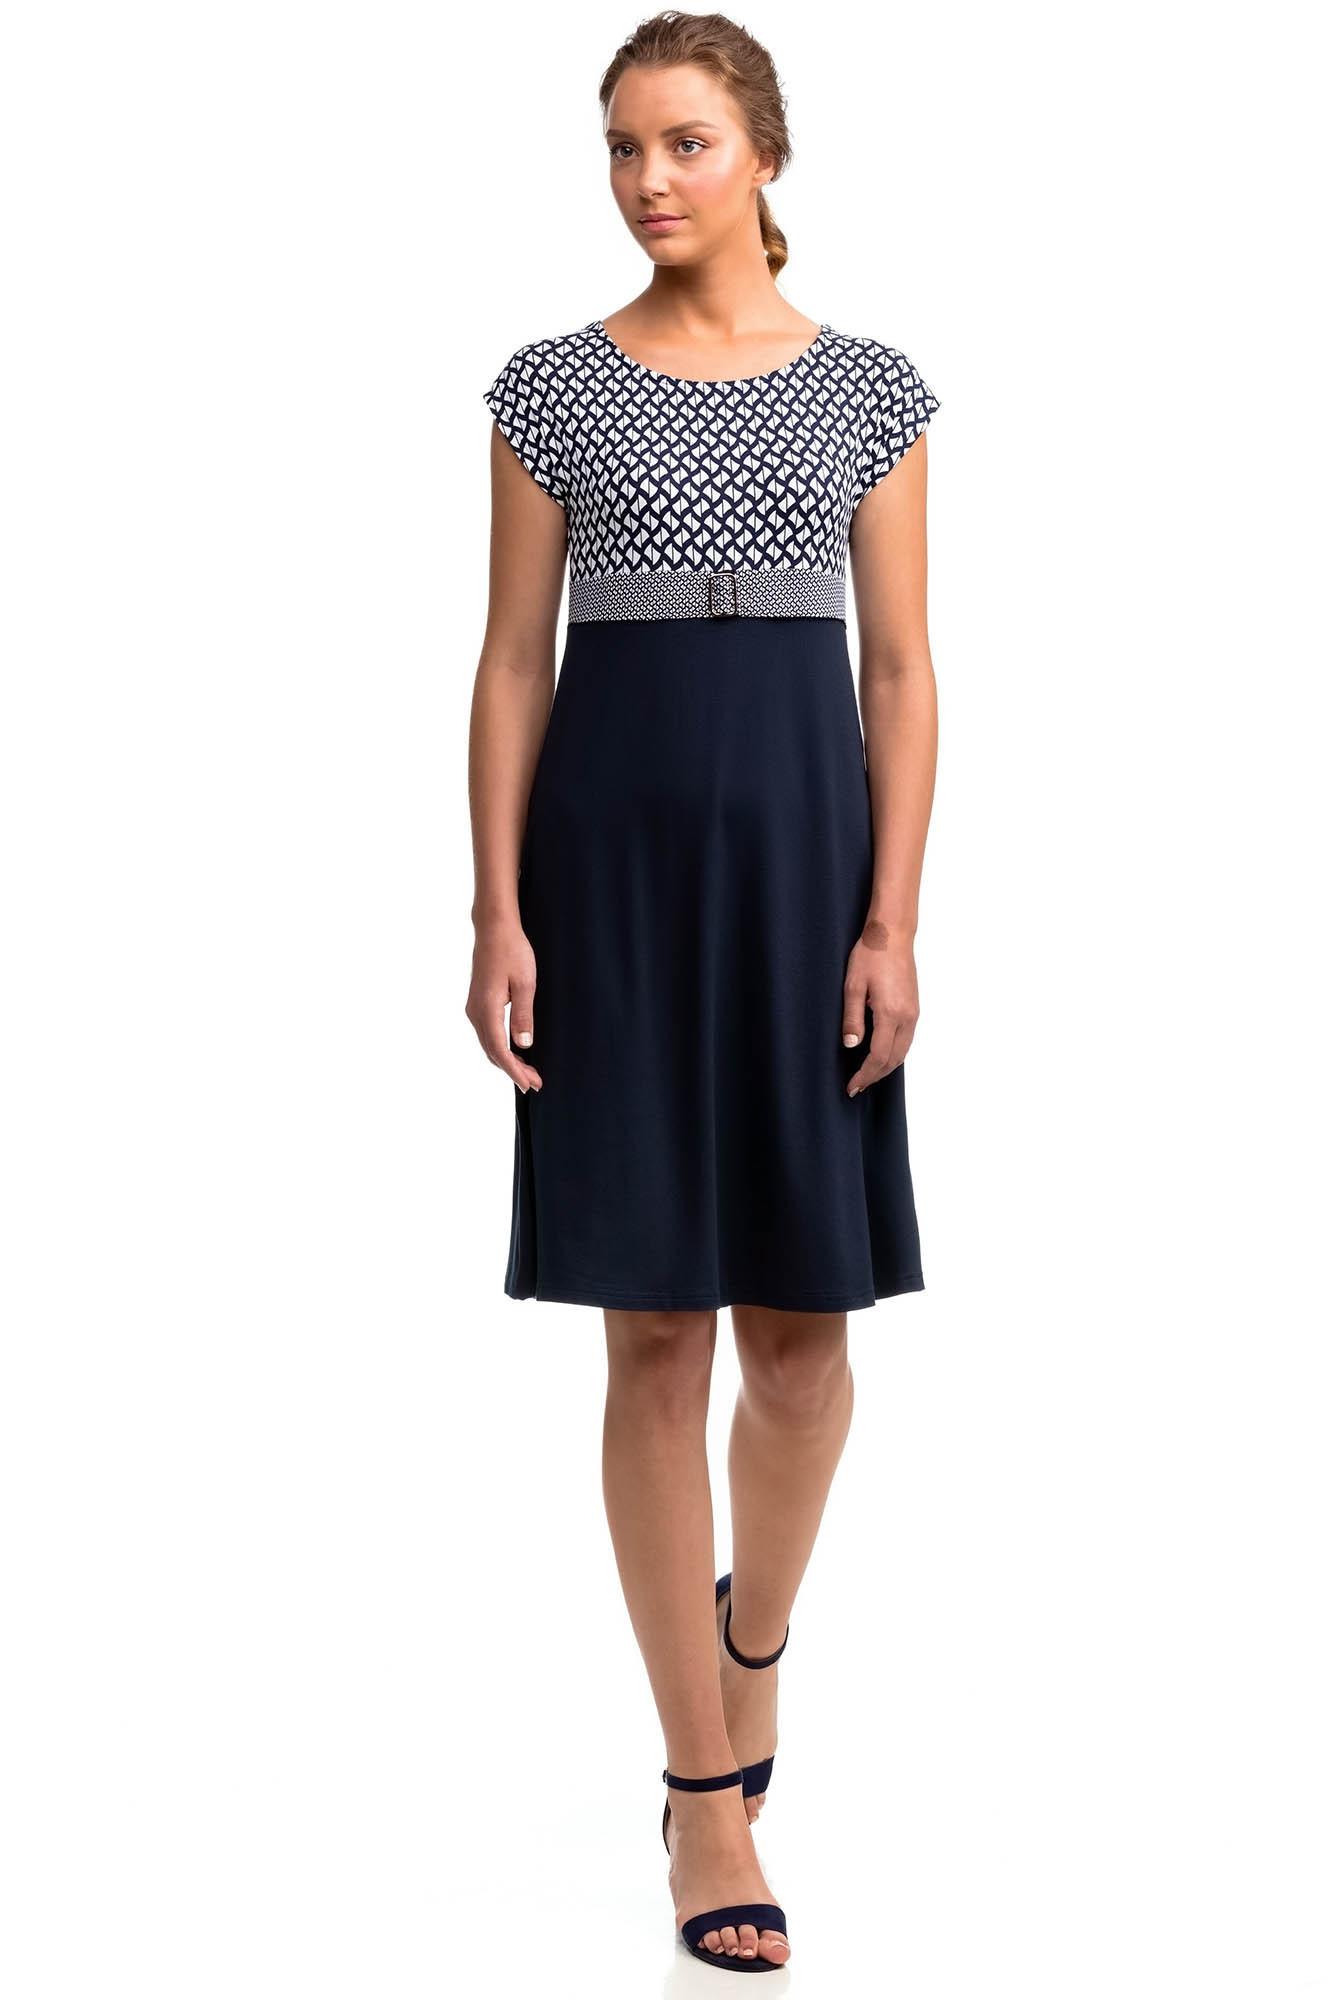 Vamp - Elegantní vzorované dámské šaty BLUE XXL 14452 - Vamp